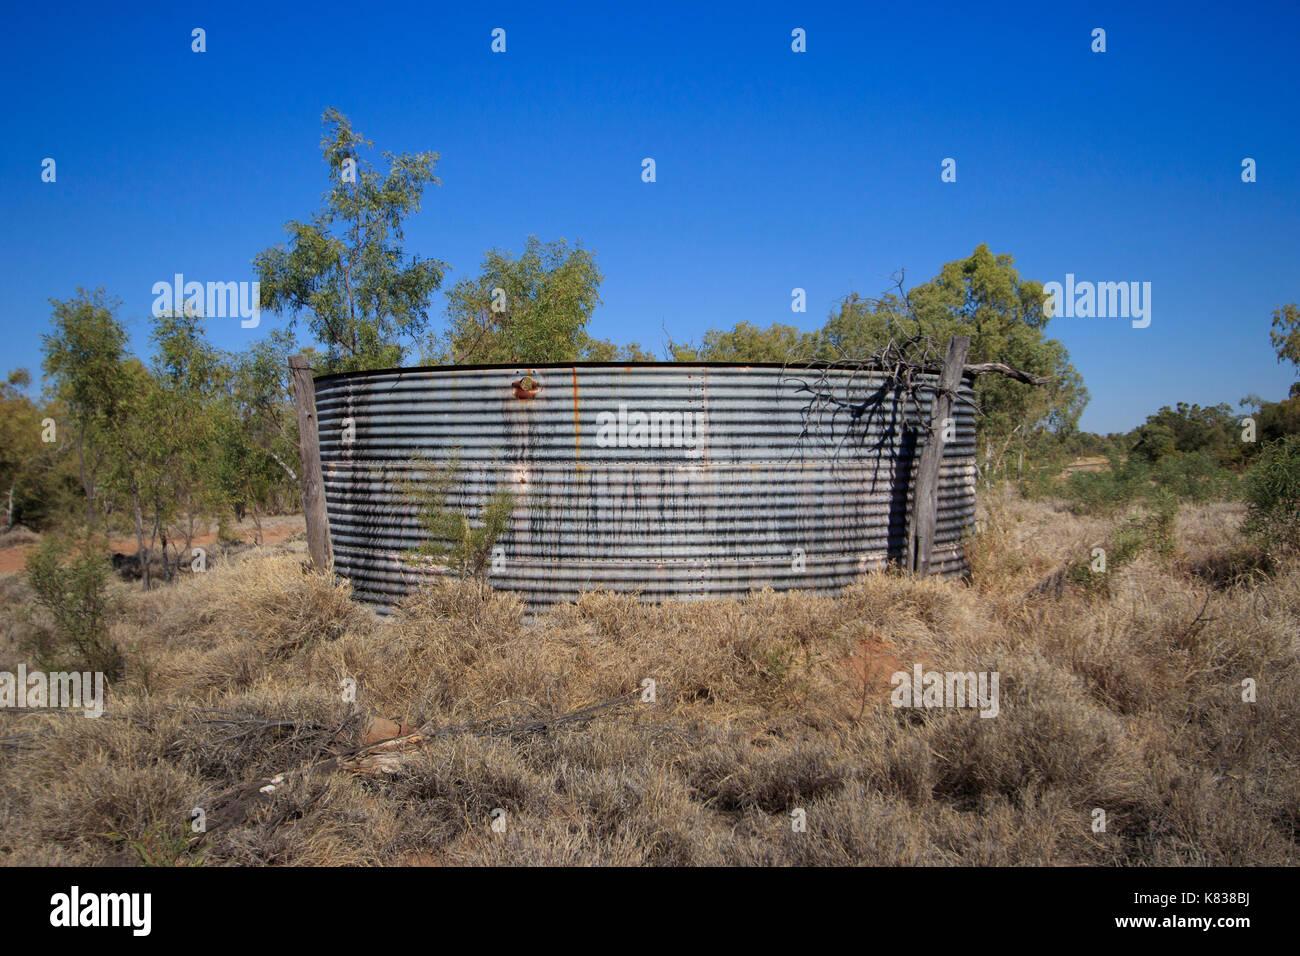 Artisian Stockfotos & Artisian Bilder - Alamy